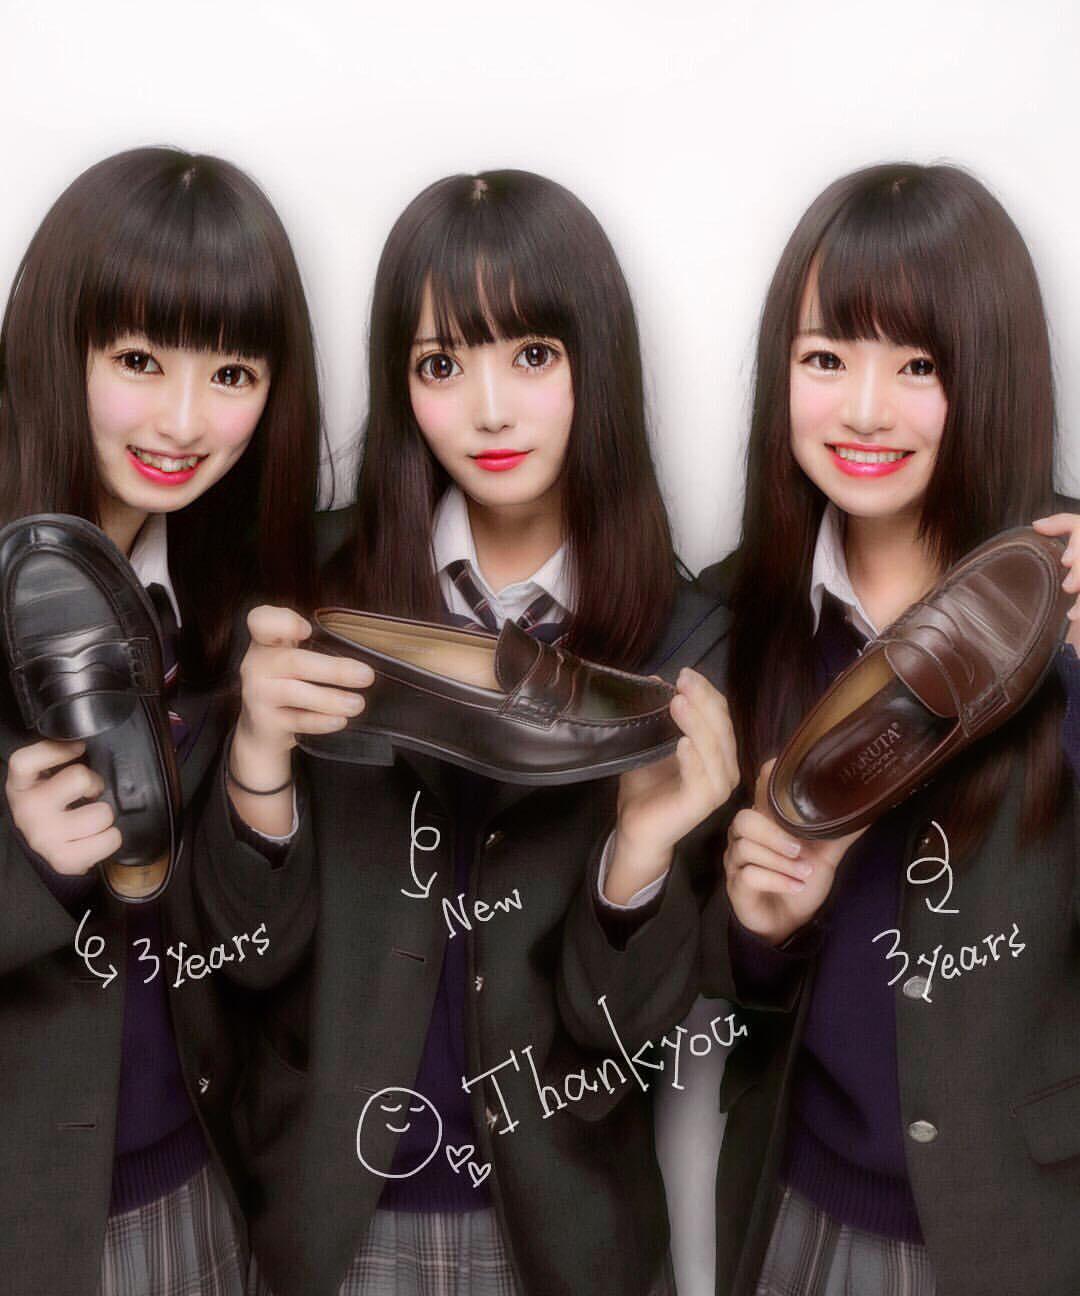 女子高生の靴の匂いが好きなやつwwww履き込んで臭くなったJKの靴画像うpするwwwww 1812271616035283